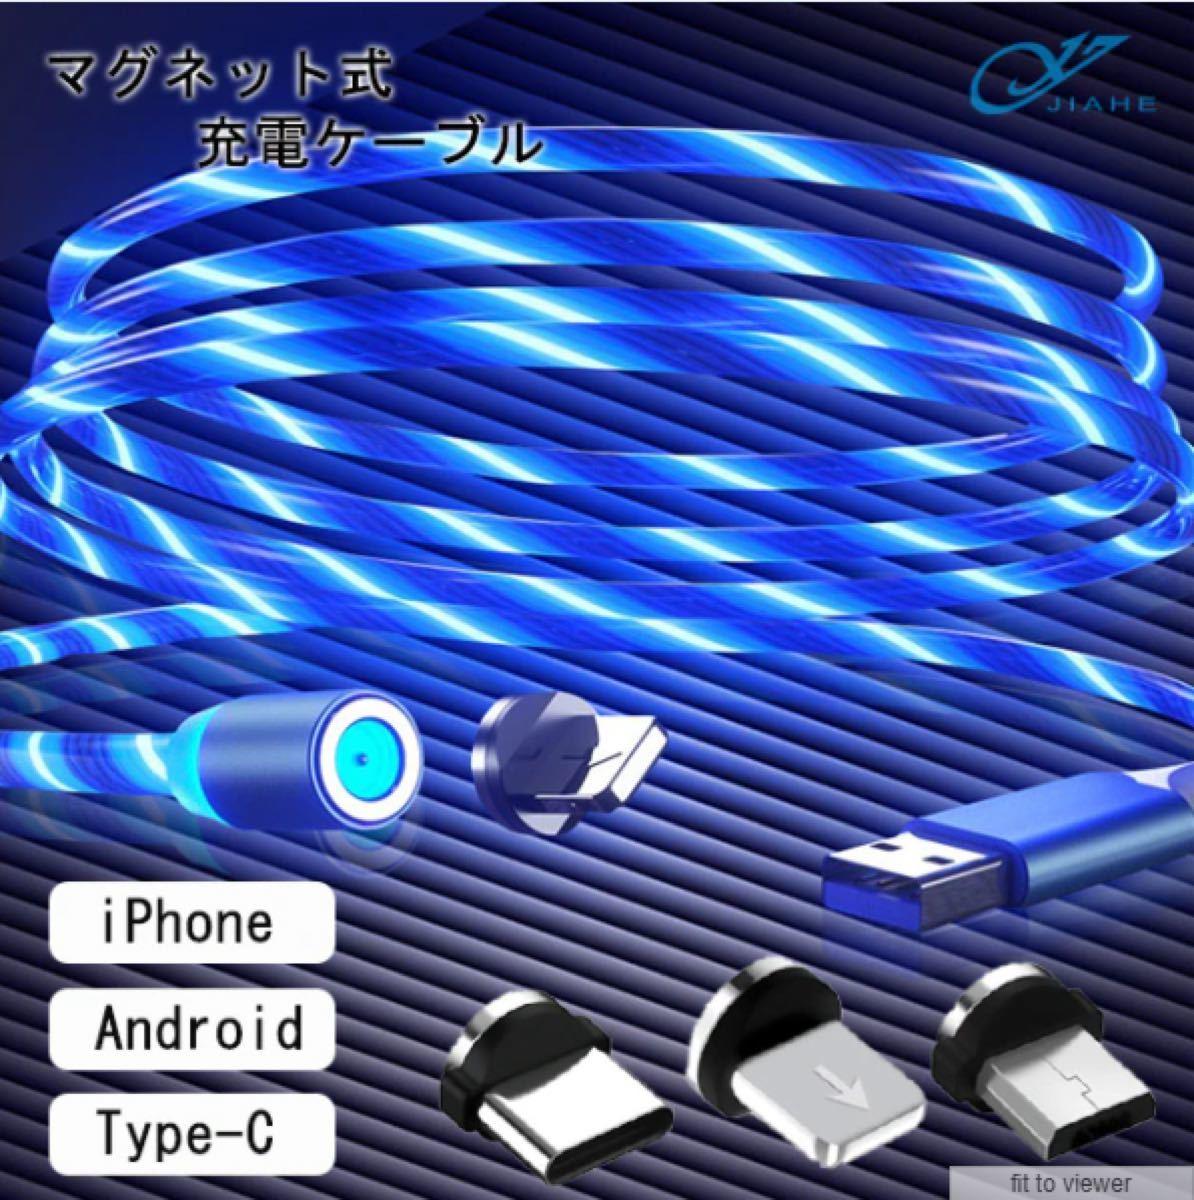 マグネット充電ケーブル1M3本+6個端子iPhoneAndroid TYPE-C 断線防止磁石式 ケーブル アイフォンケーブル